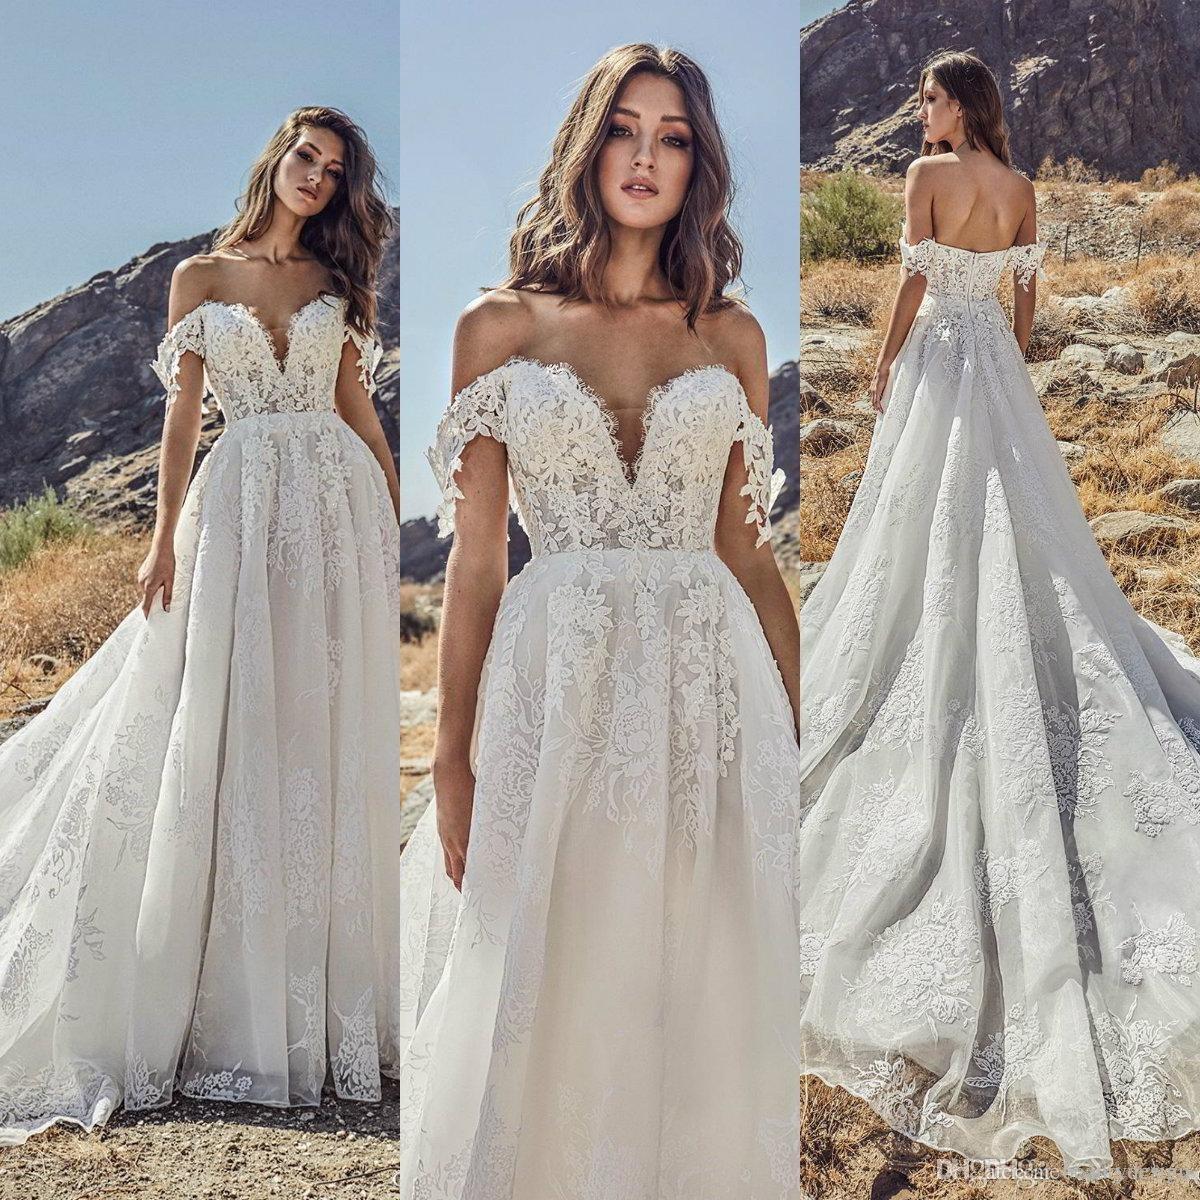 976feb30e4c8 Discount Julie Vino 2019 New Beach Wedding Dresses Off Shoulder Lace  Country Sweep Train Bridal Gowns Plus Size Bohemian Vestido De Novia  Romantic Wedding ...